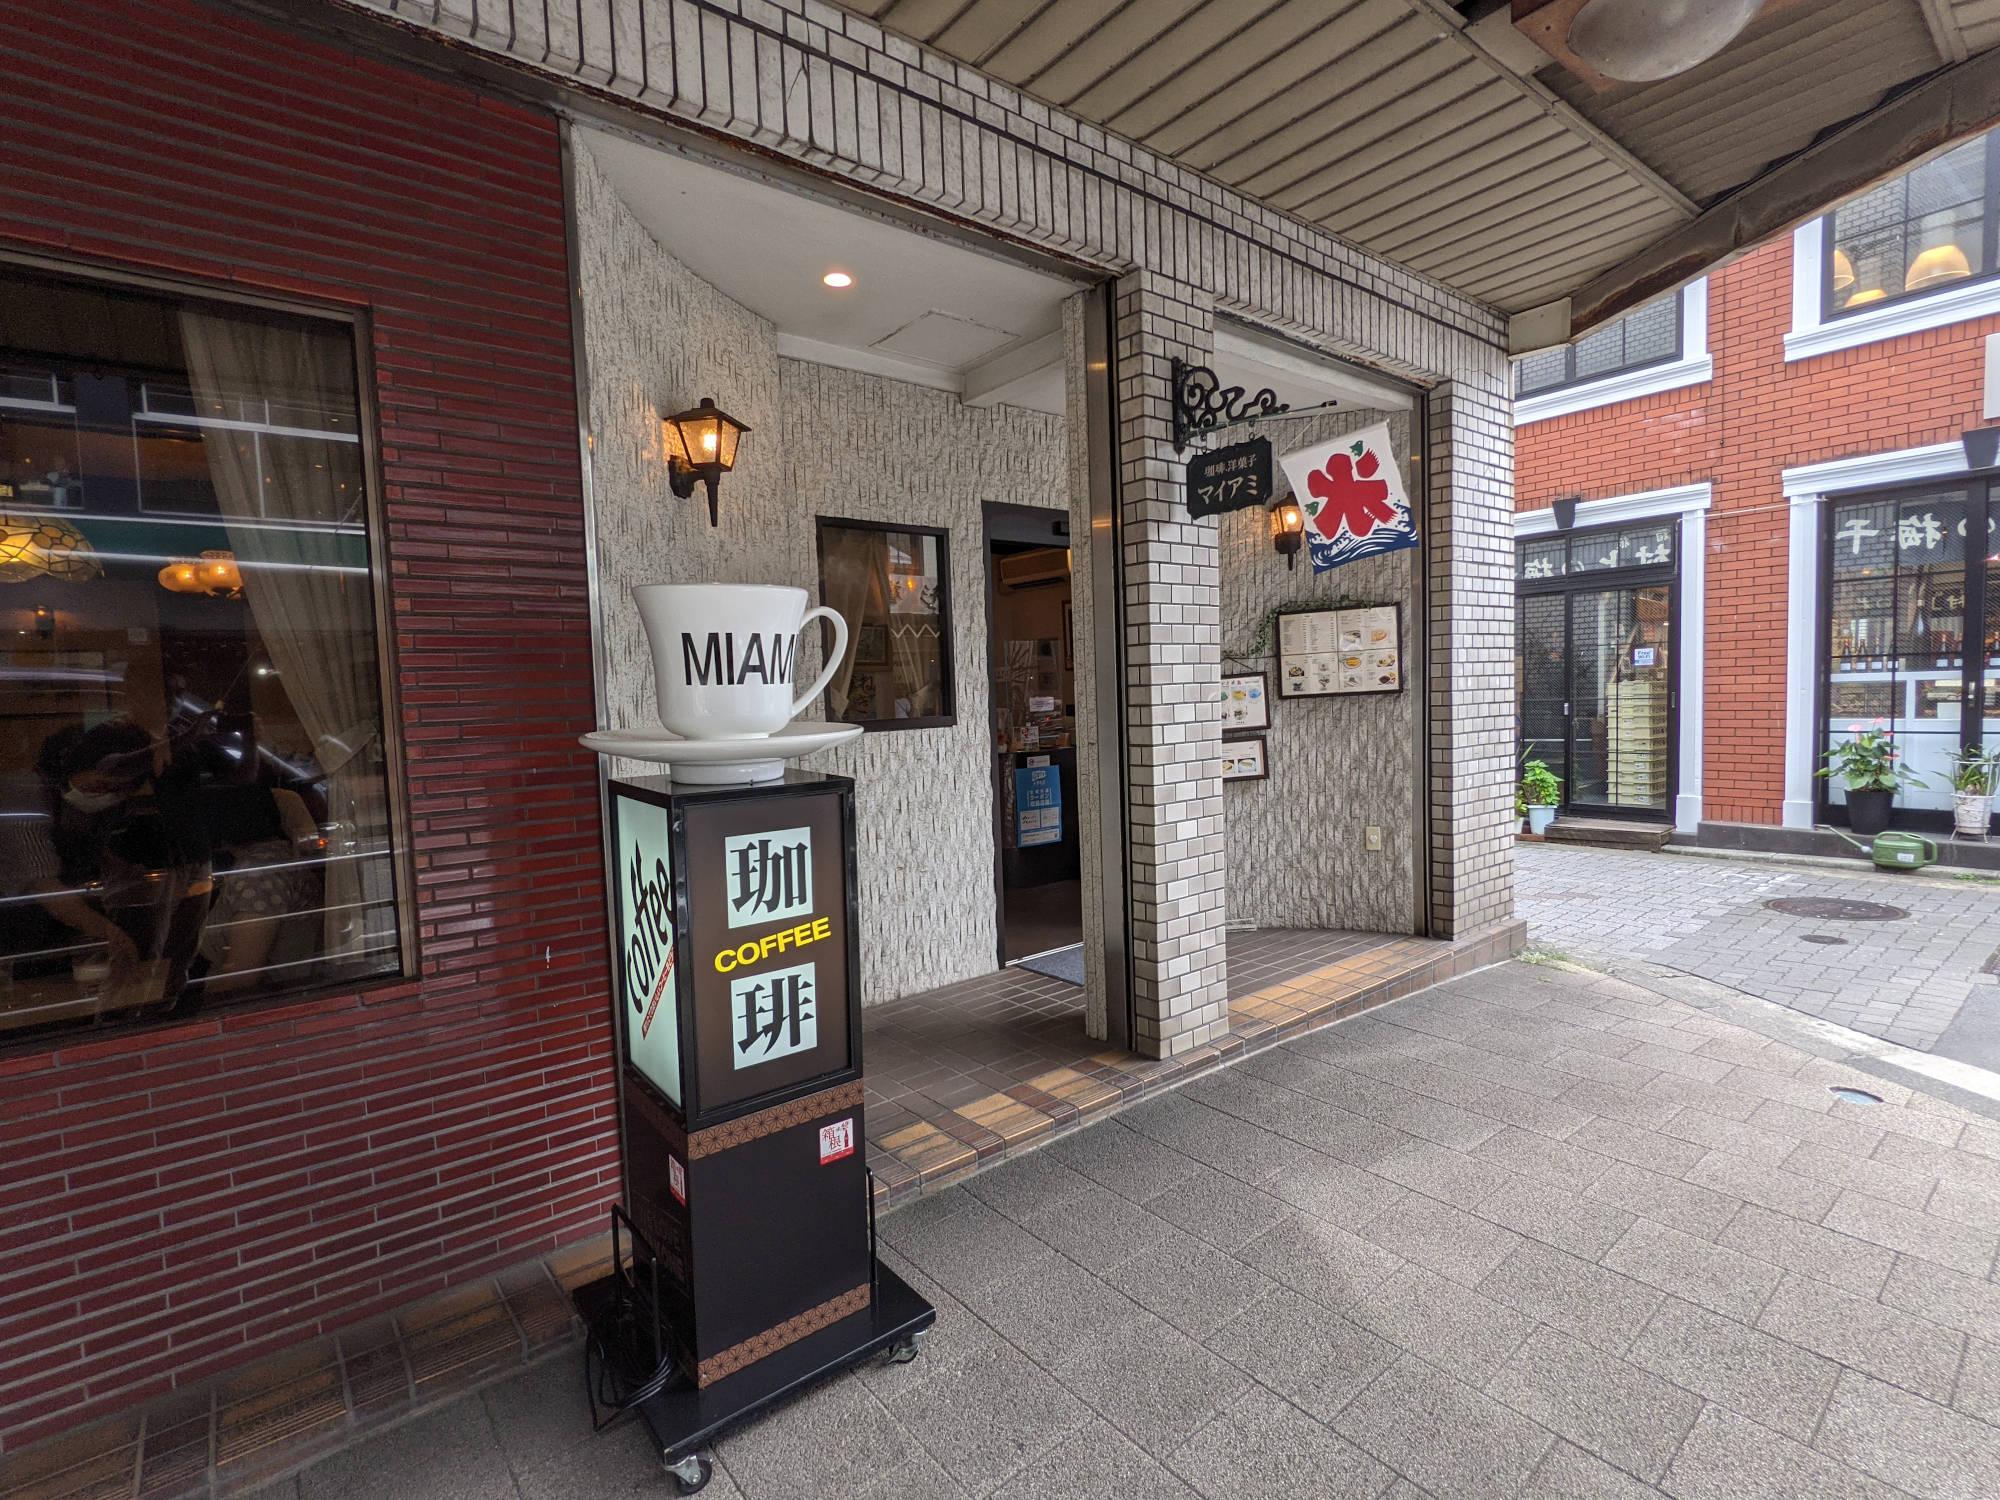 【箱根湯本】純喫茶マイアミの入り口